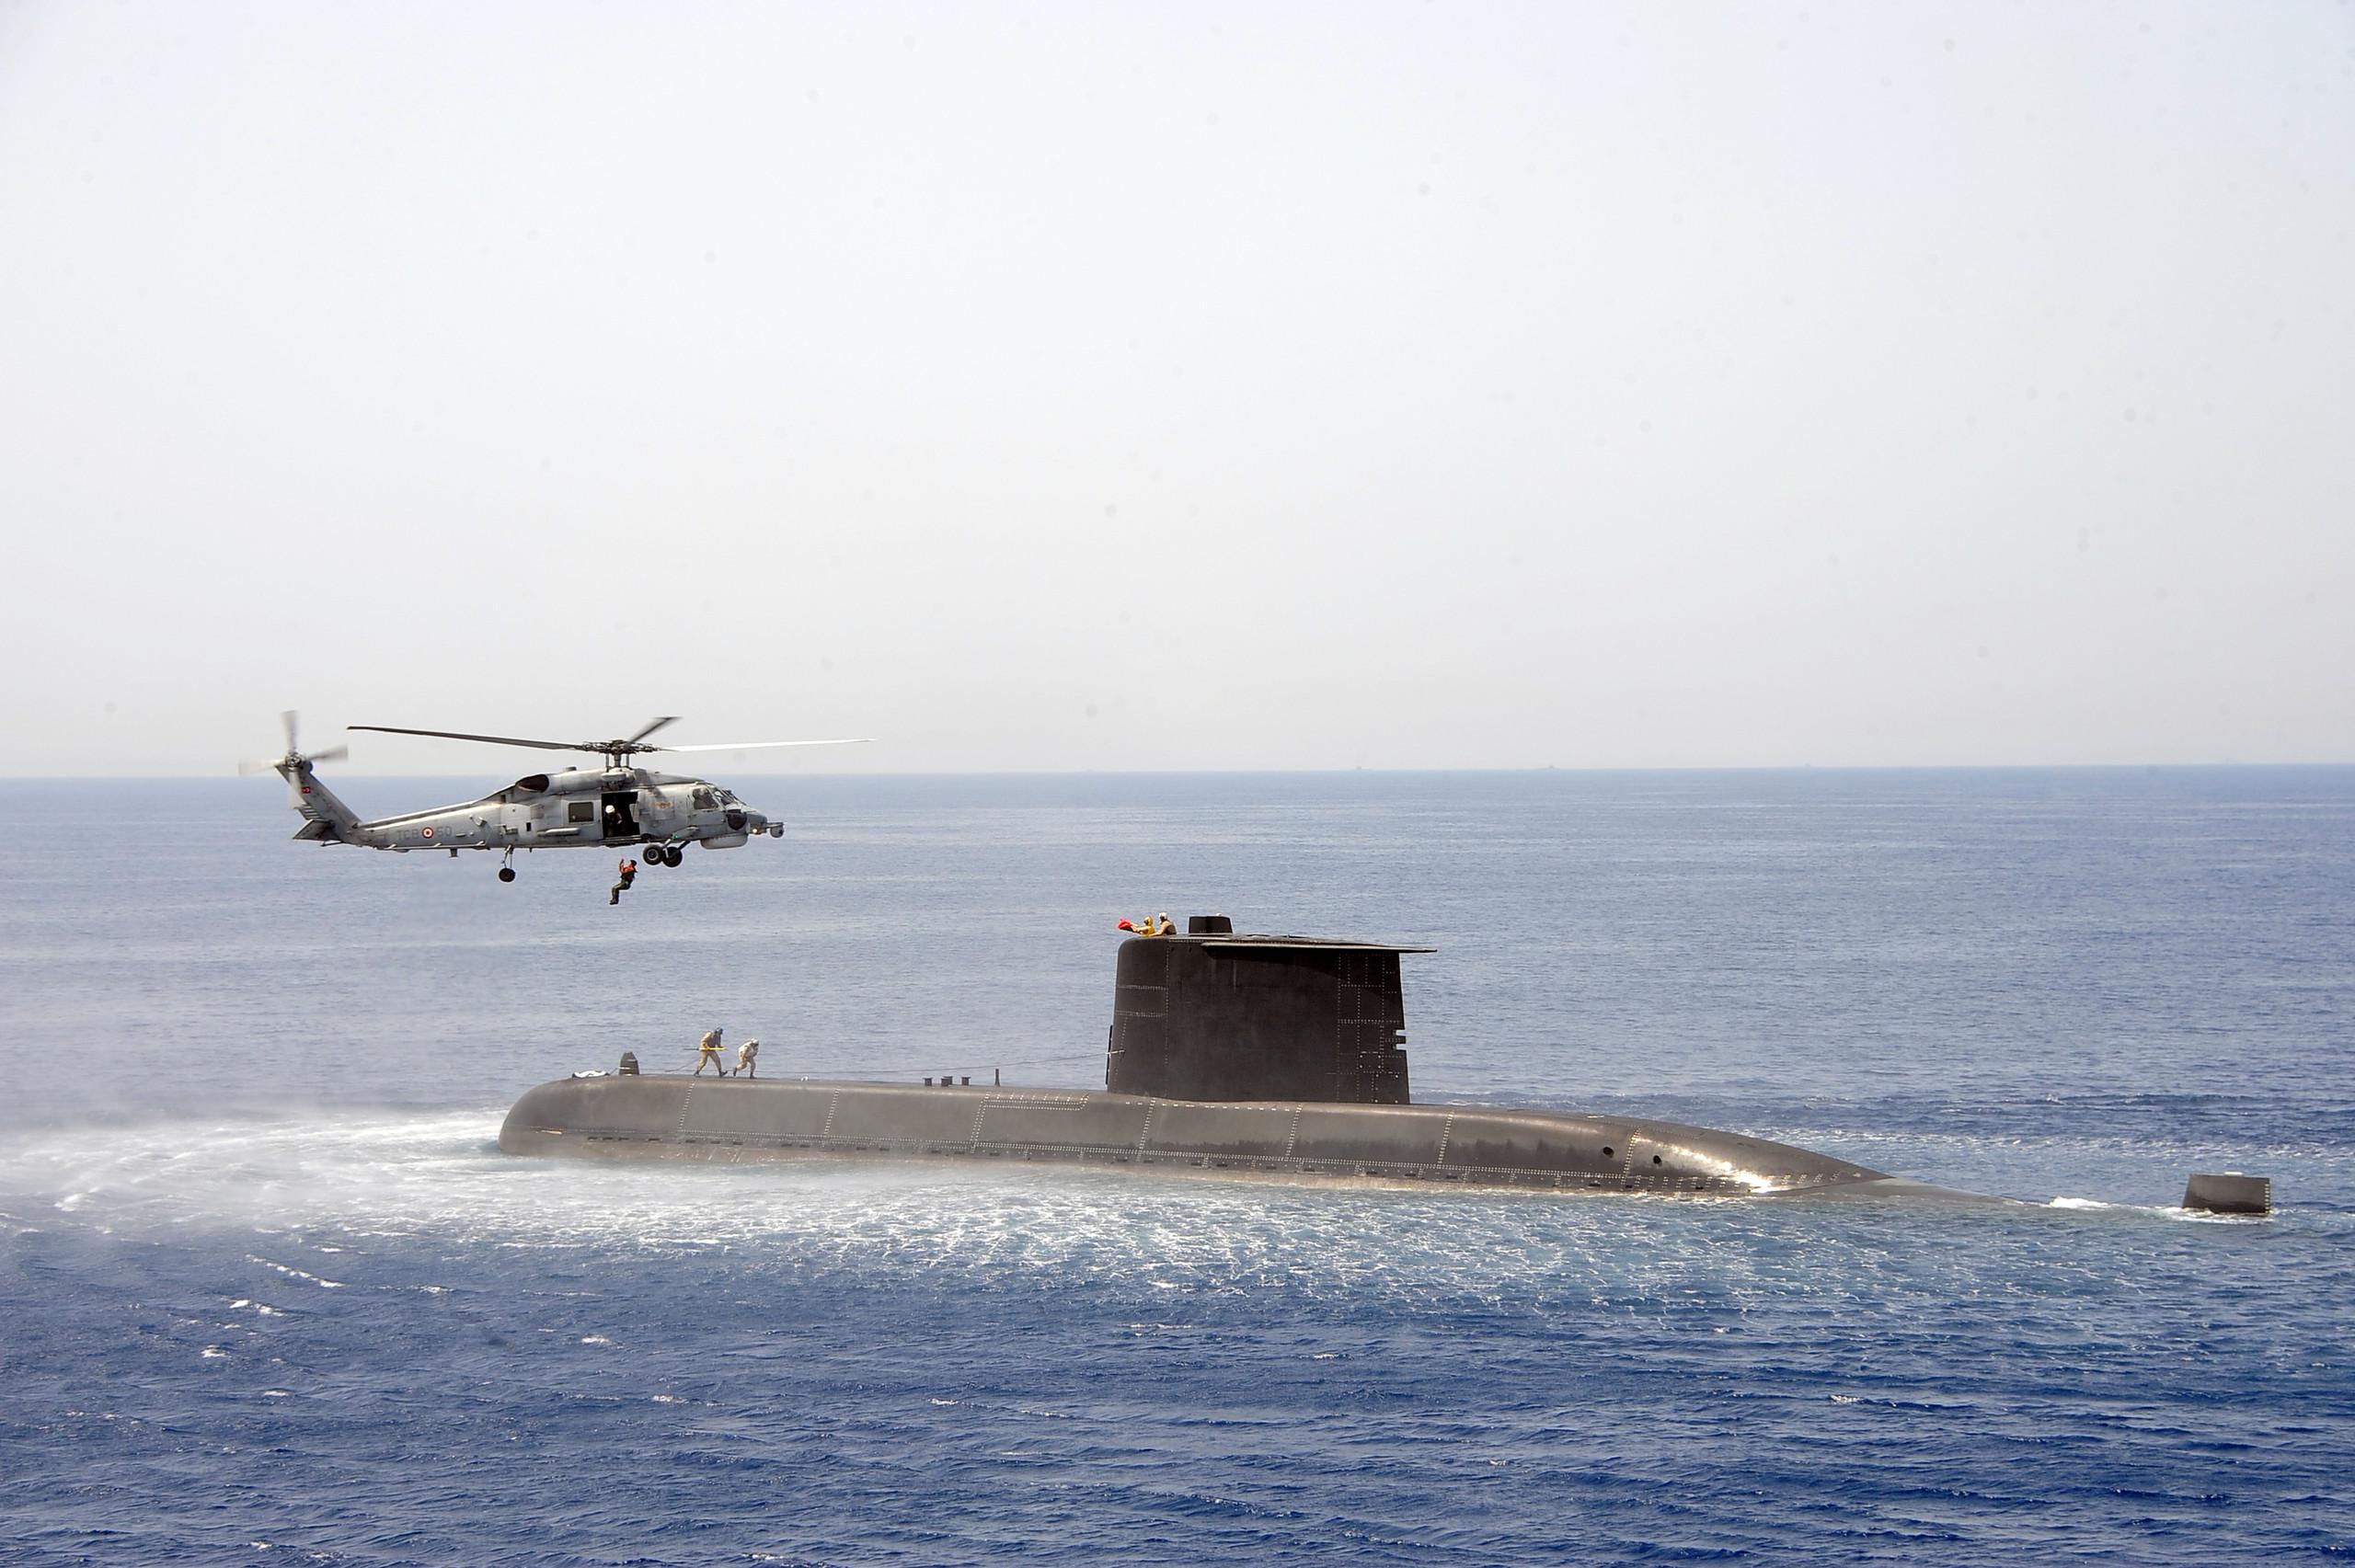 Turkish Navy: REn1yM